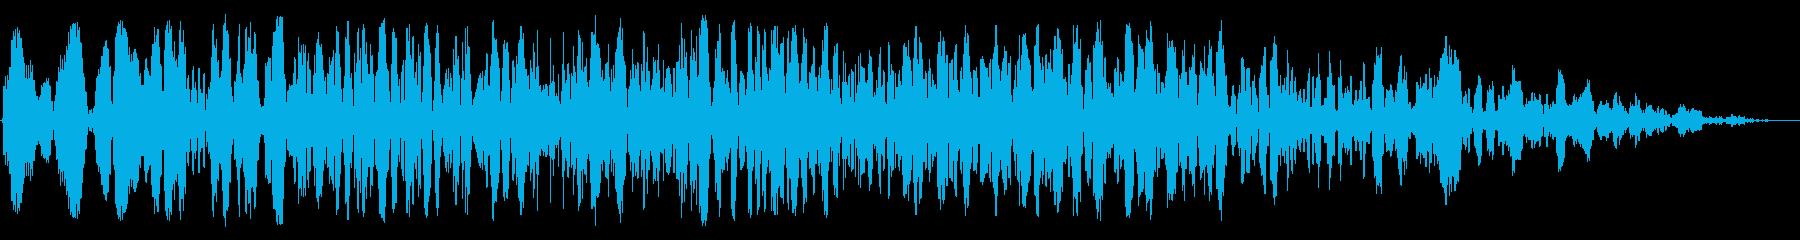 ゴゴゴッ(爆弾系の音)の再生済みの波形